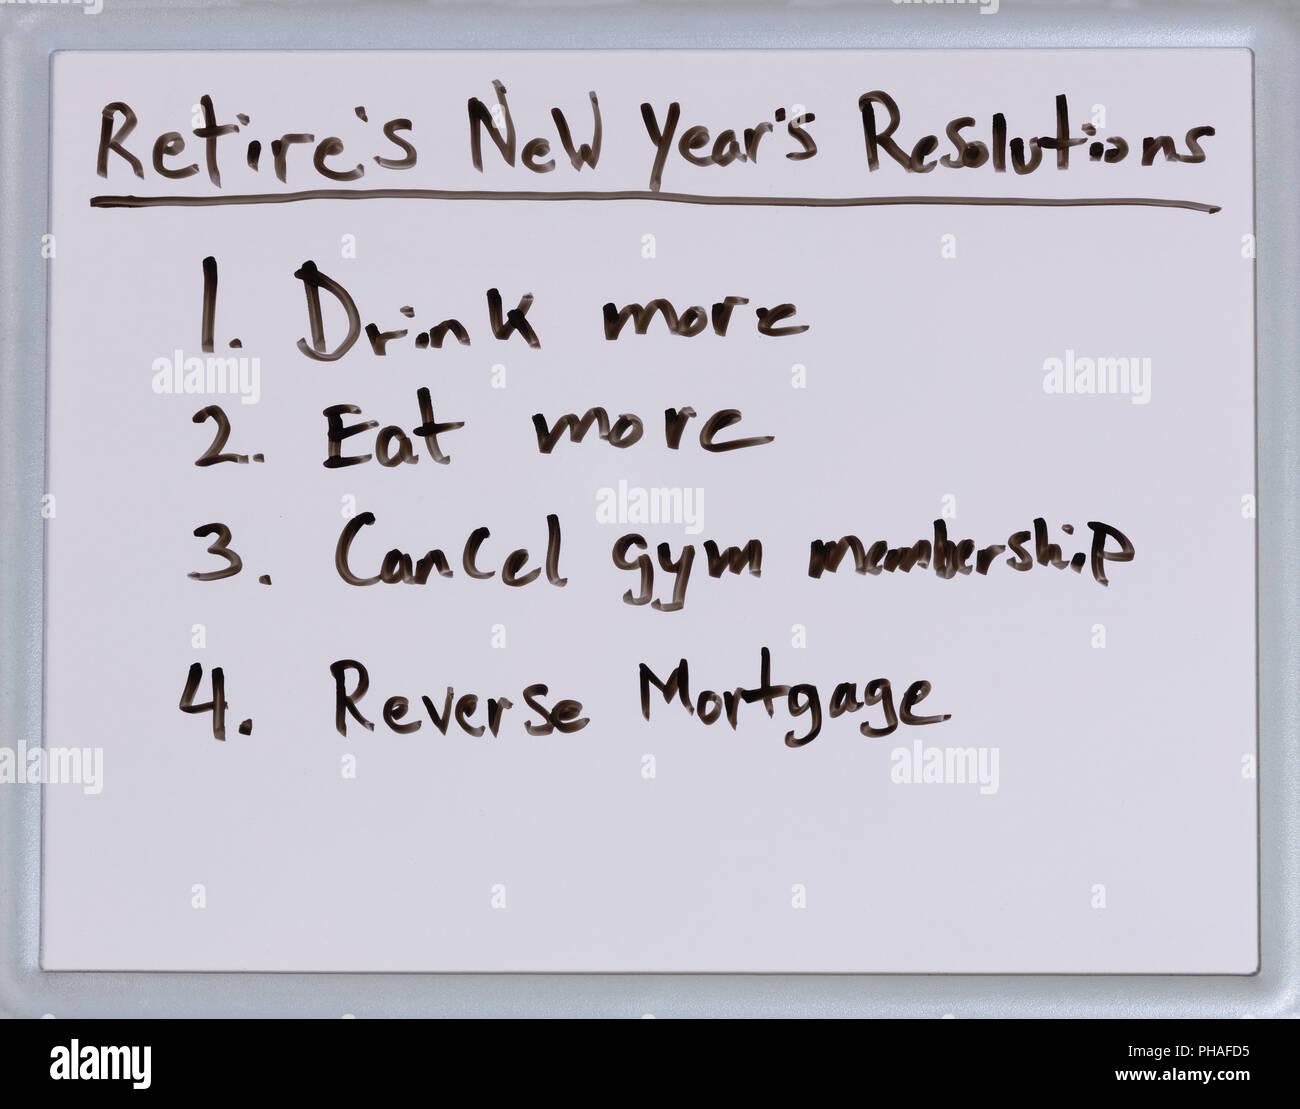 Résolutions du Nouvel An pour les retraités Photo Stock